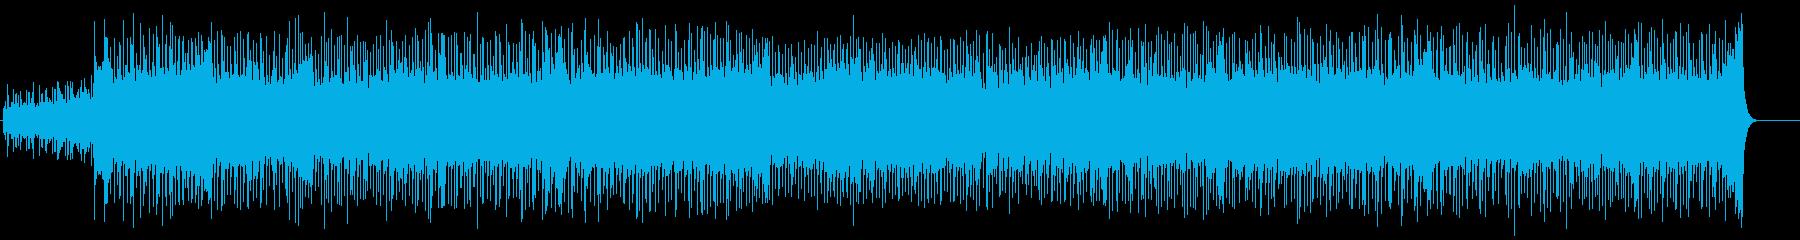 軽快なテクノ・ポップ(フルサイズ)の再生済みの波形